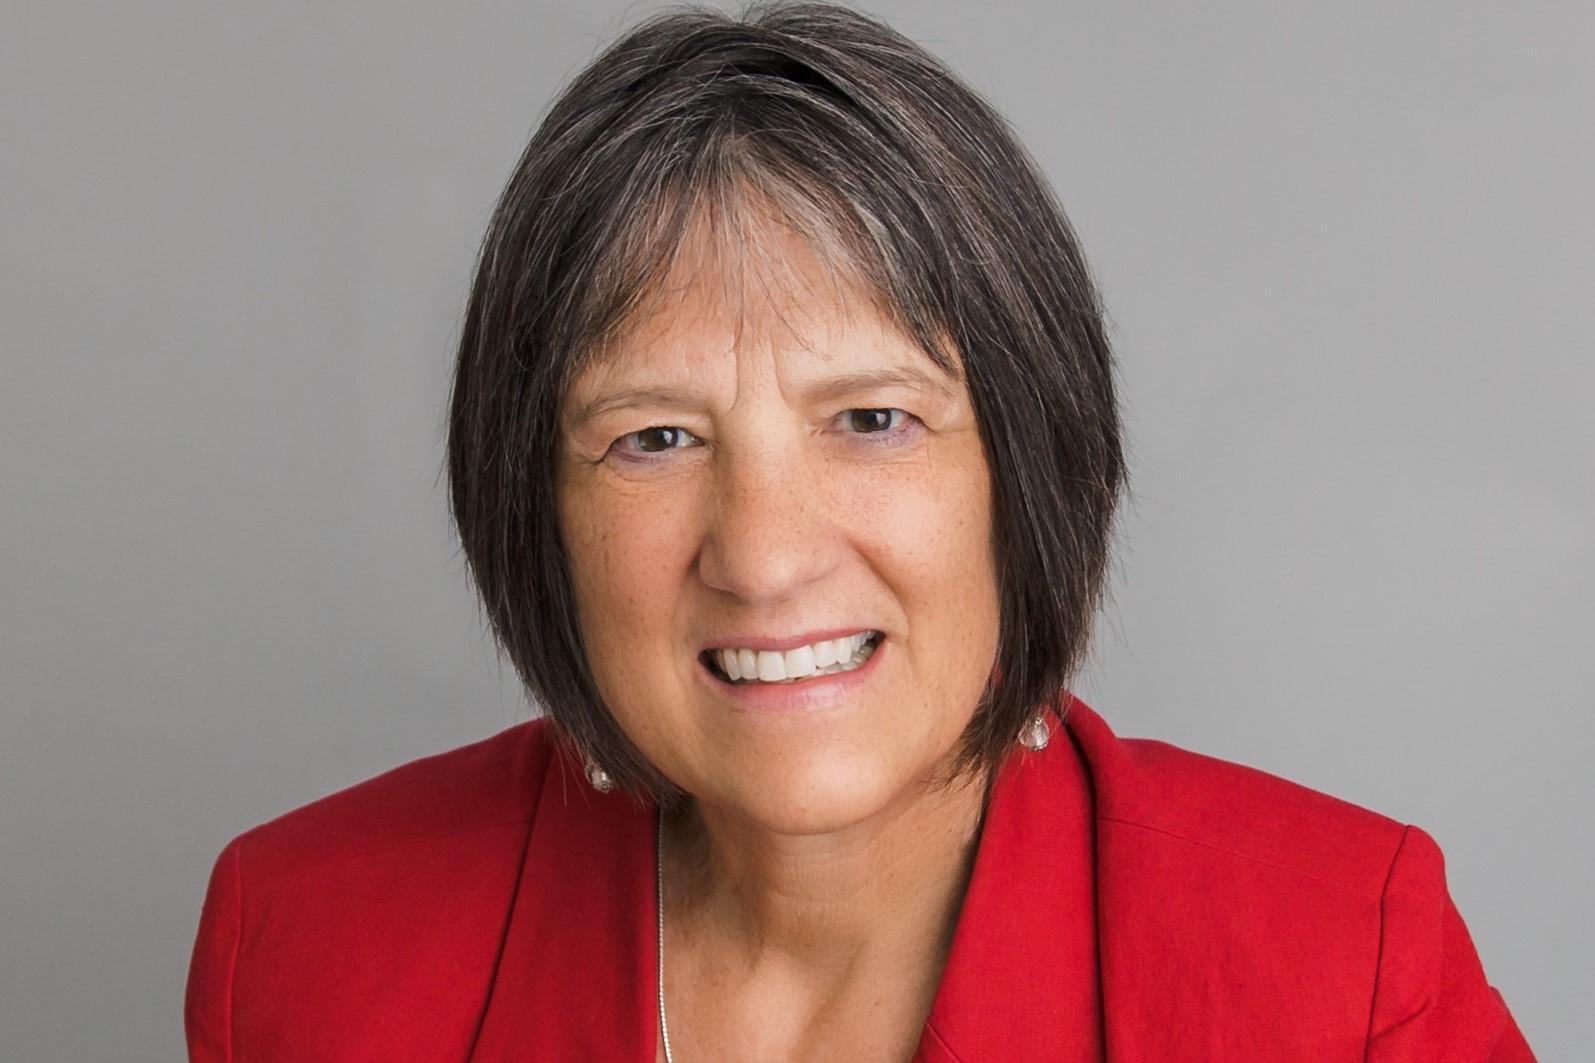 Margie Wiens